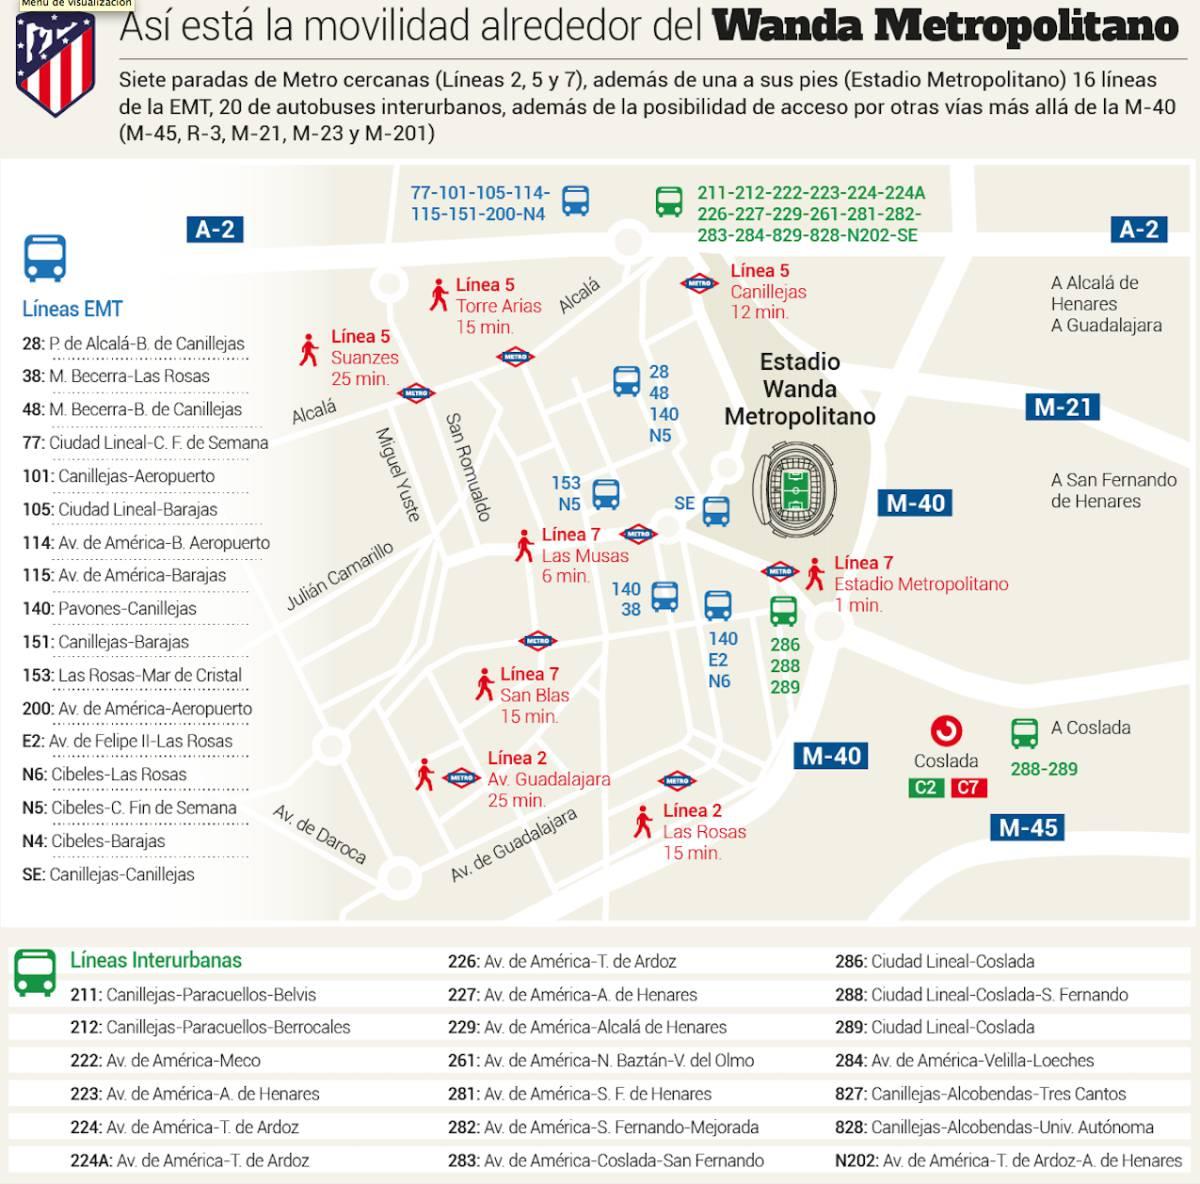 Cómo llegar en metro o autobús al Wanda Metropolitano - AS.com